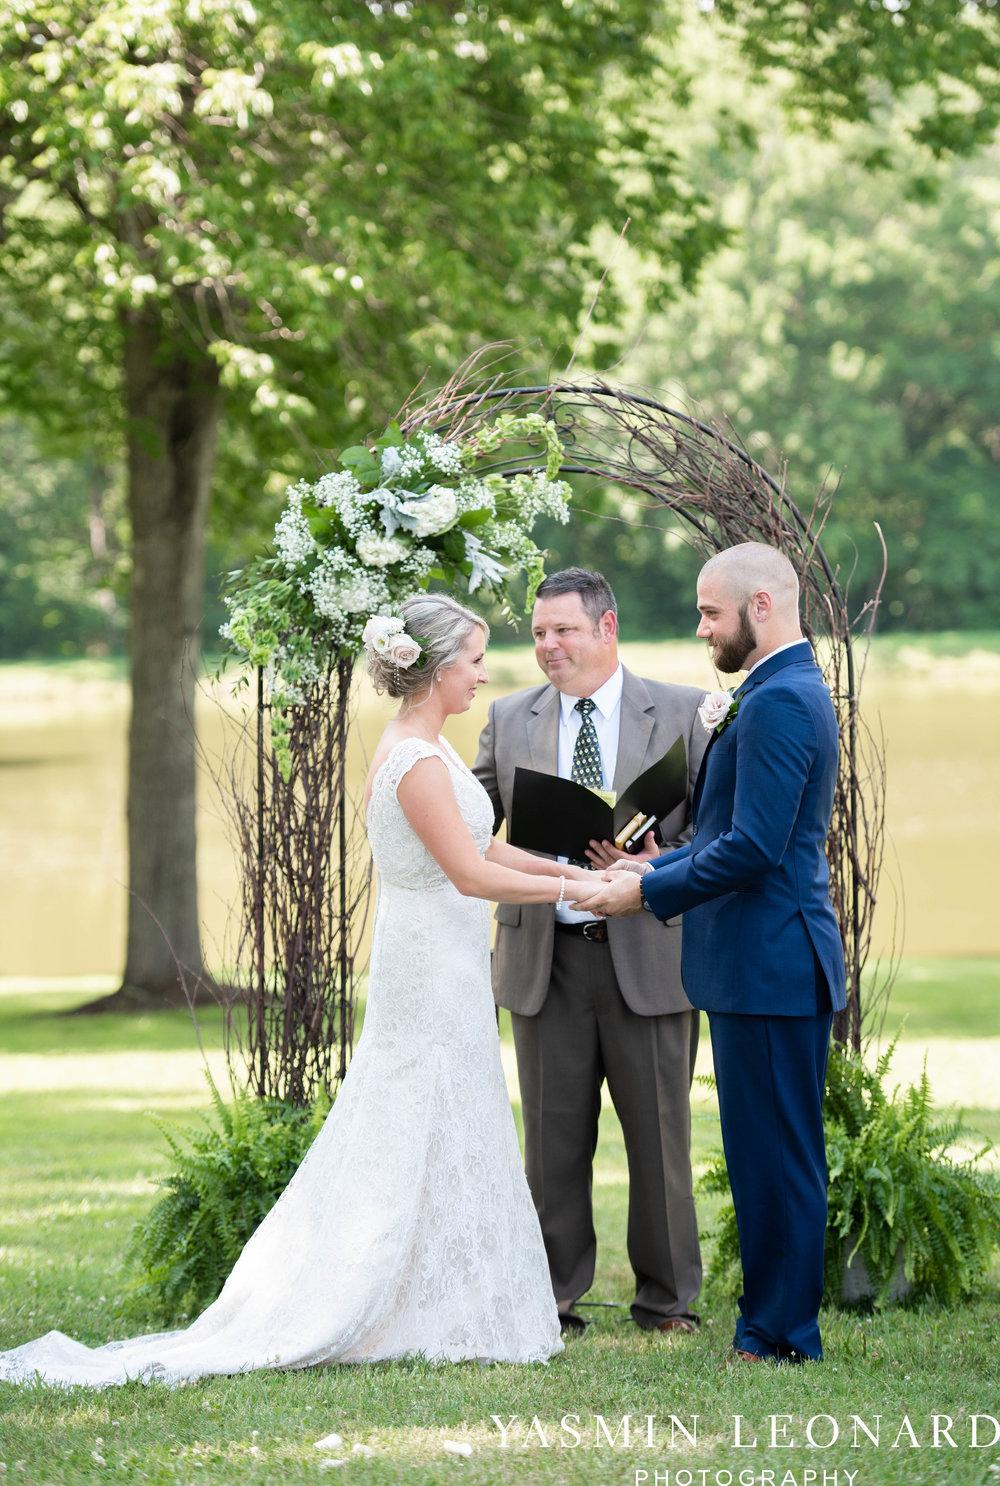 L'abri at Linwood - Yasmin Leonard Photography - NC Wedding Venues - NC Weddings - NC Photographer - High Point Wedding Photographer - Charlotte Wedding Photographer - Pink and Navy Wedding - Pale Pink Wedding - Outdoor Summer Wedding-47.jpg